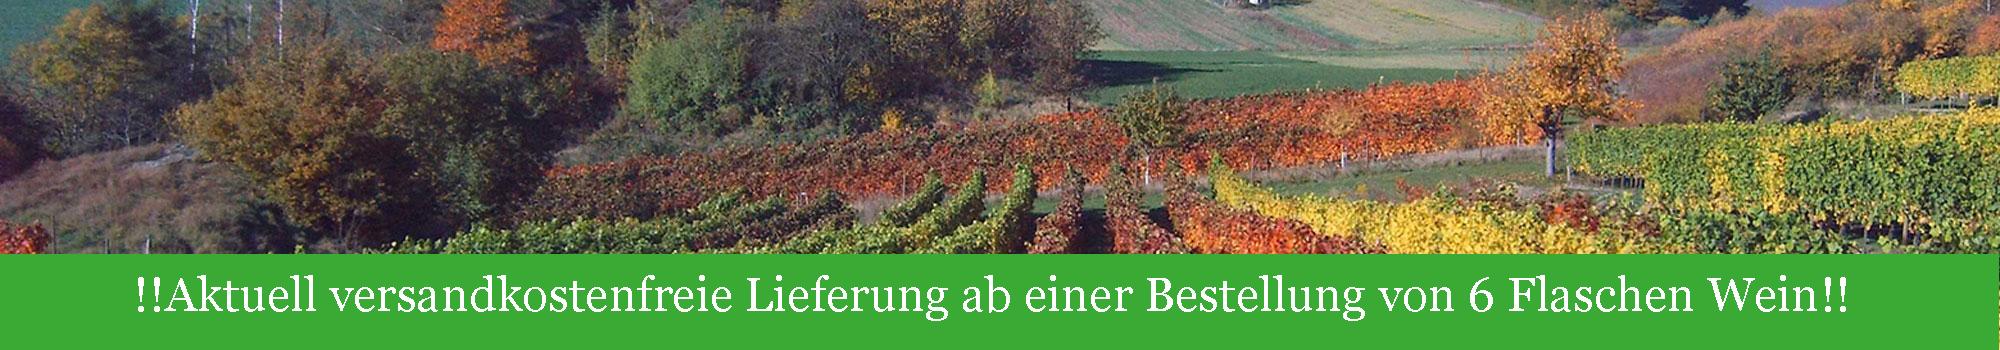 Harzer Weingut Kirmann